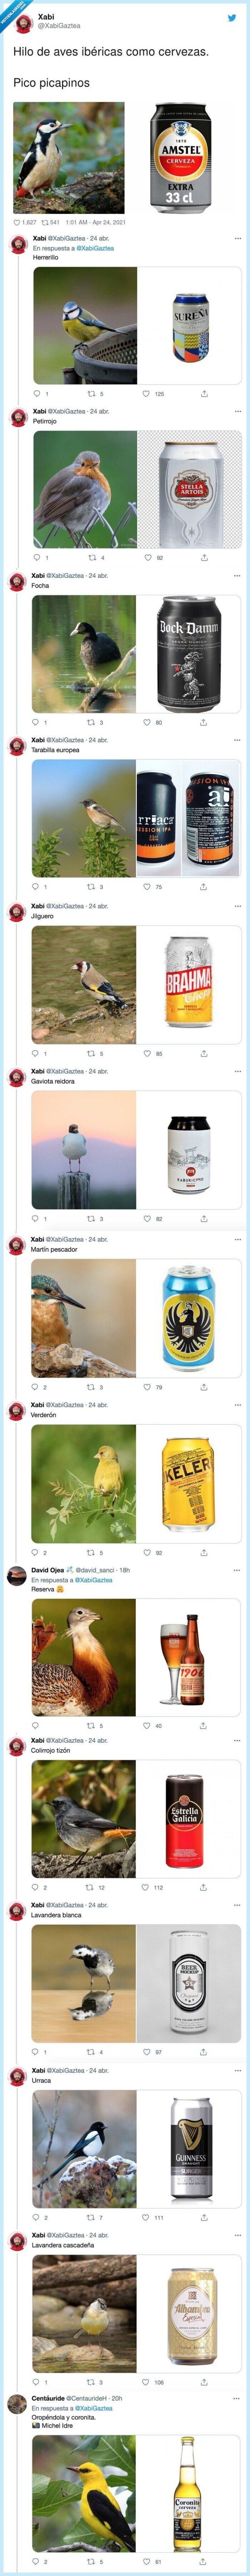 866839 - Hilo de aves ibéricas como cervezas, mezclando dos hobbies, por @XabiGaztea